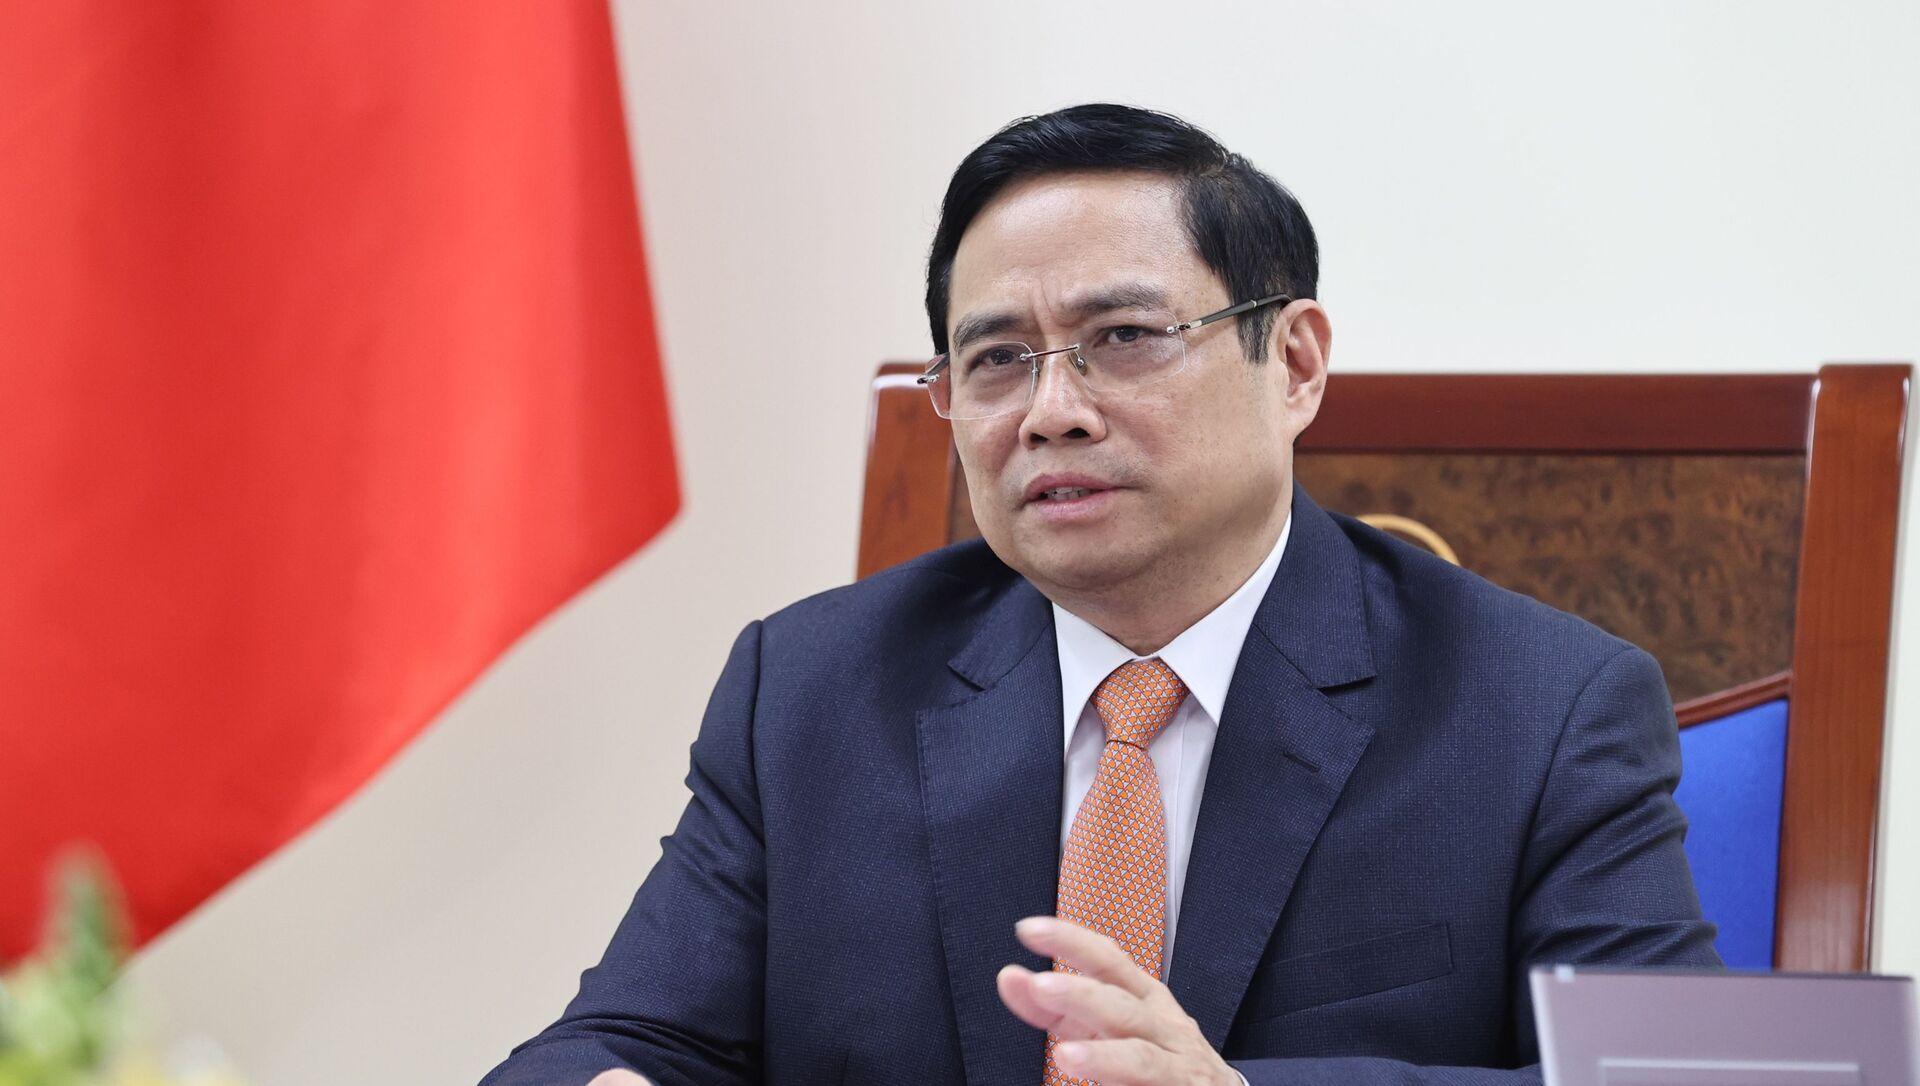 Thủ tướng Phạm Minh Chính. - Sputnik Việt Nam, 1920, 22.04.2021